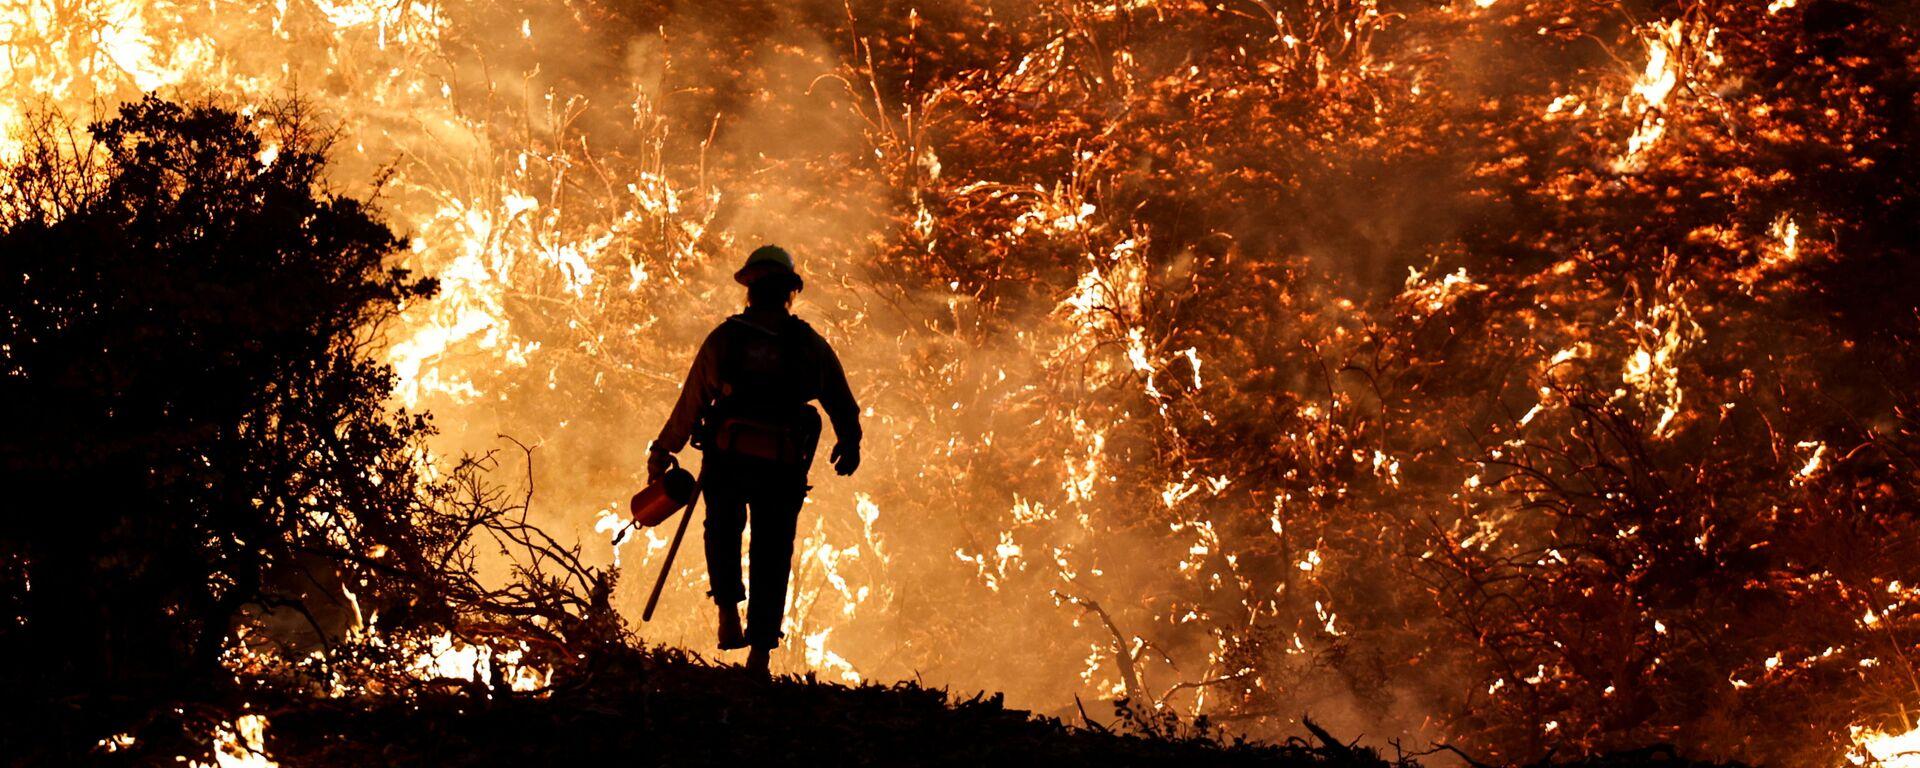 Пожарный во время пожара в Калифорнии, США - Sputnik Česká republika, 1920, 29.08.2021